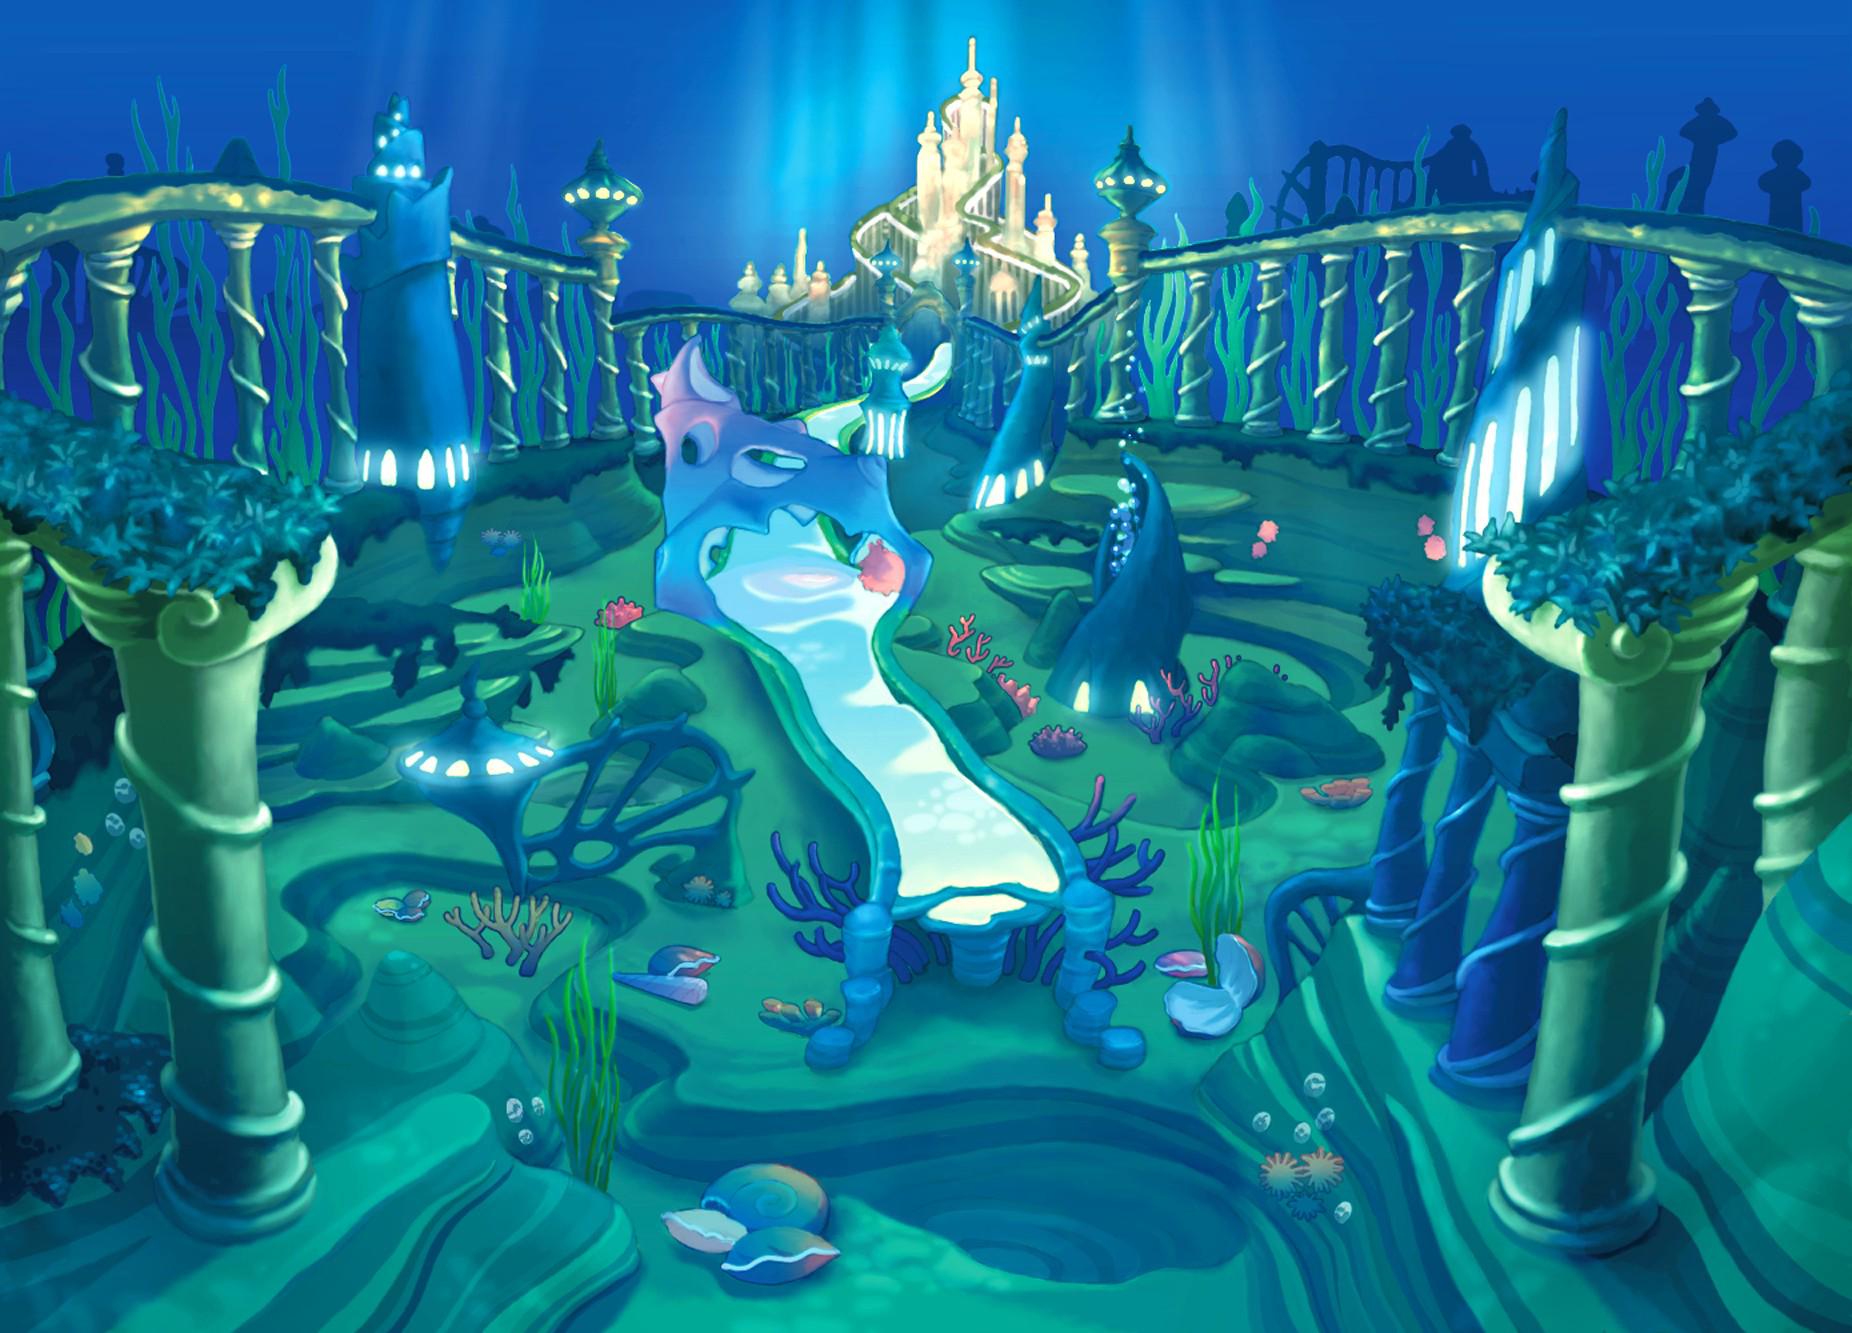 Underwater Mermaid Castle Image - Atlantica- Tri...